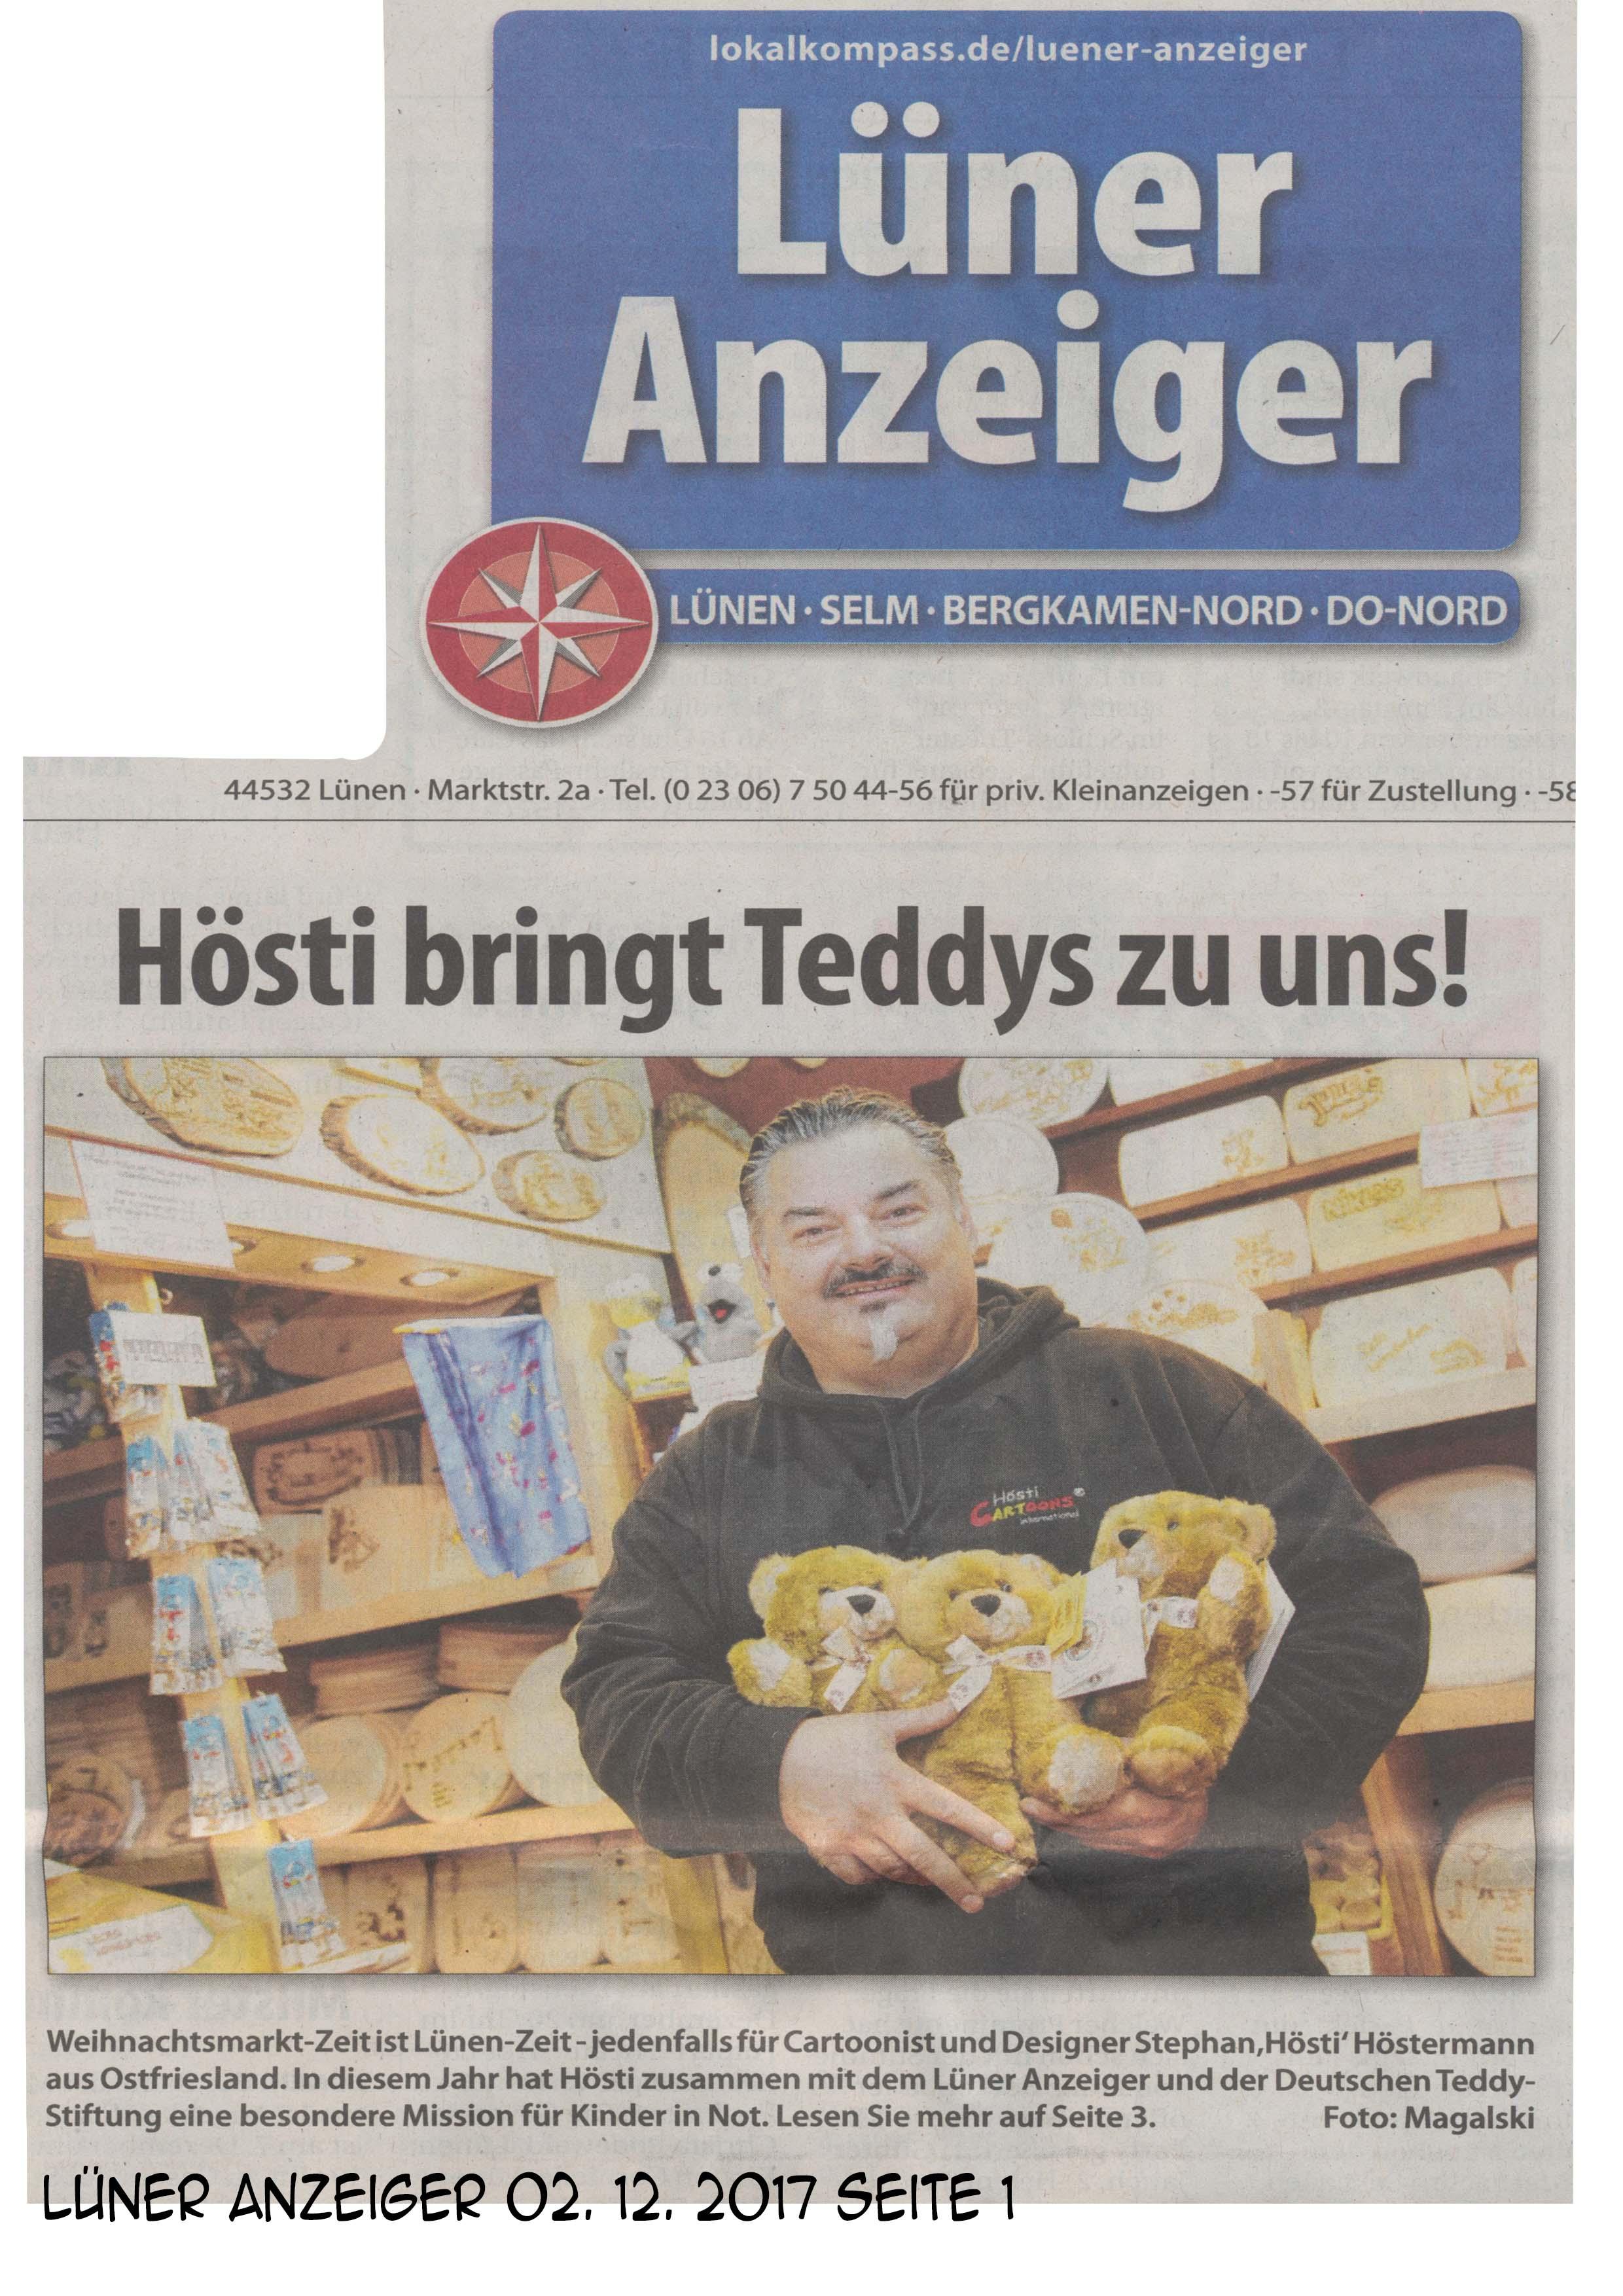 Lüner Anzeiger 02 12 2017 Seite 1